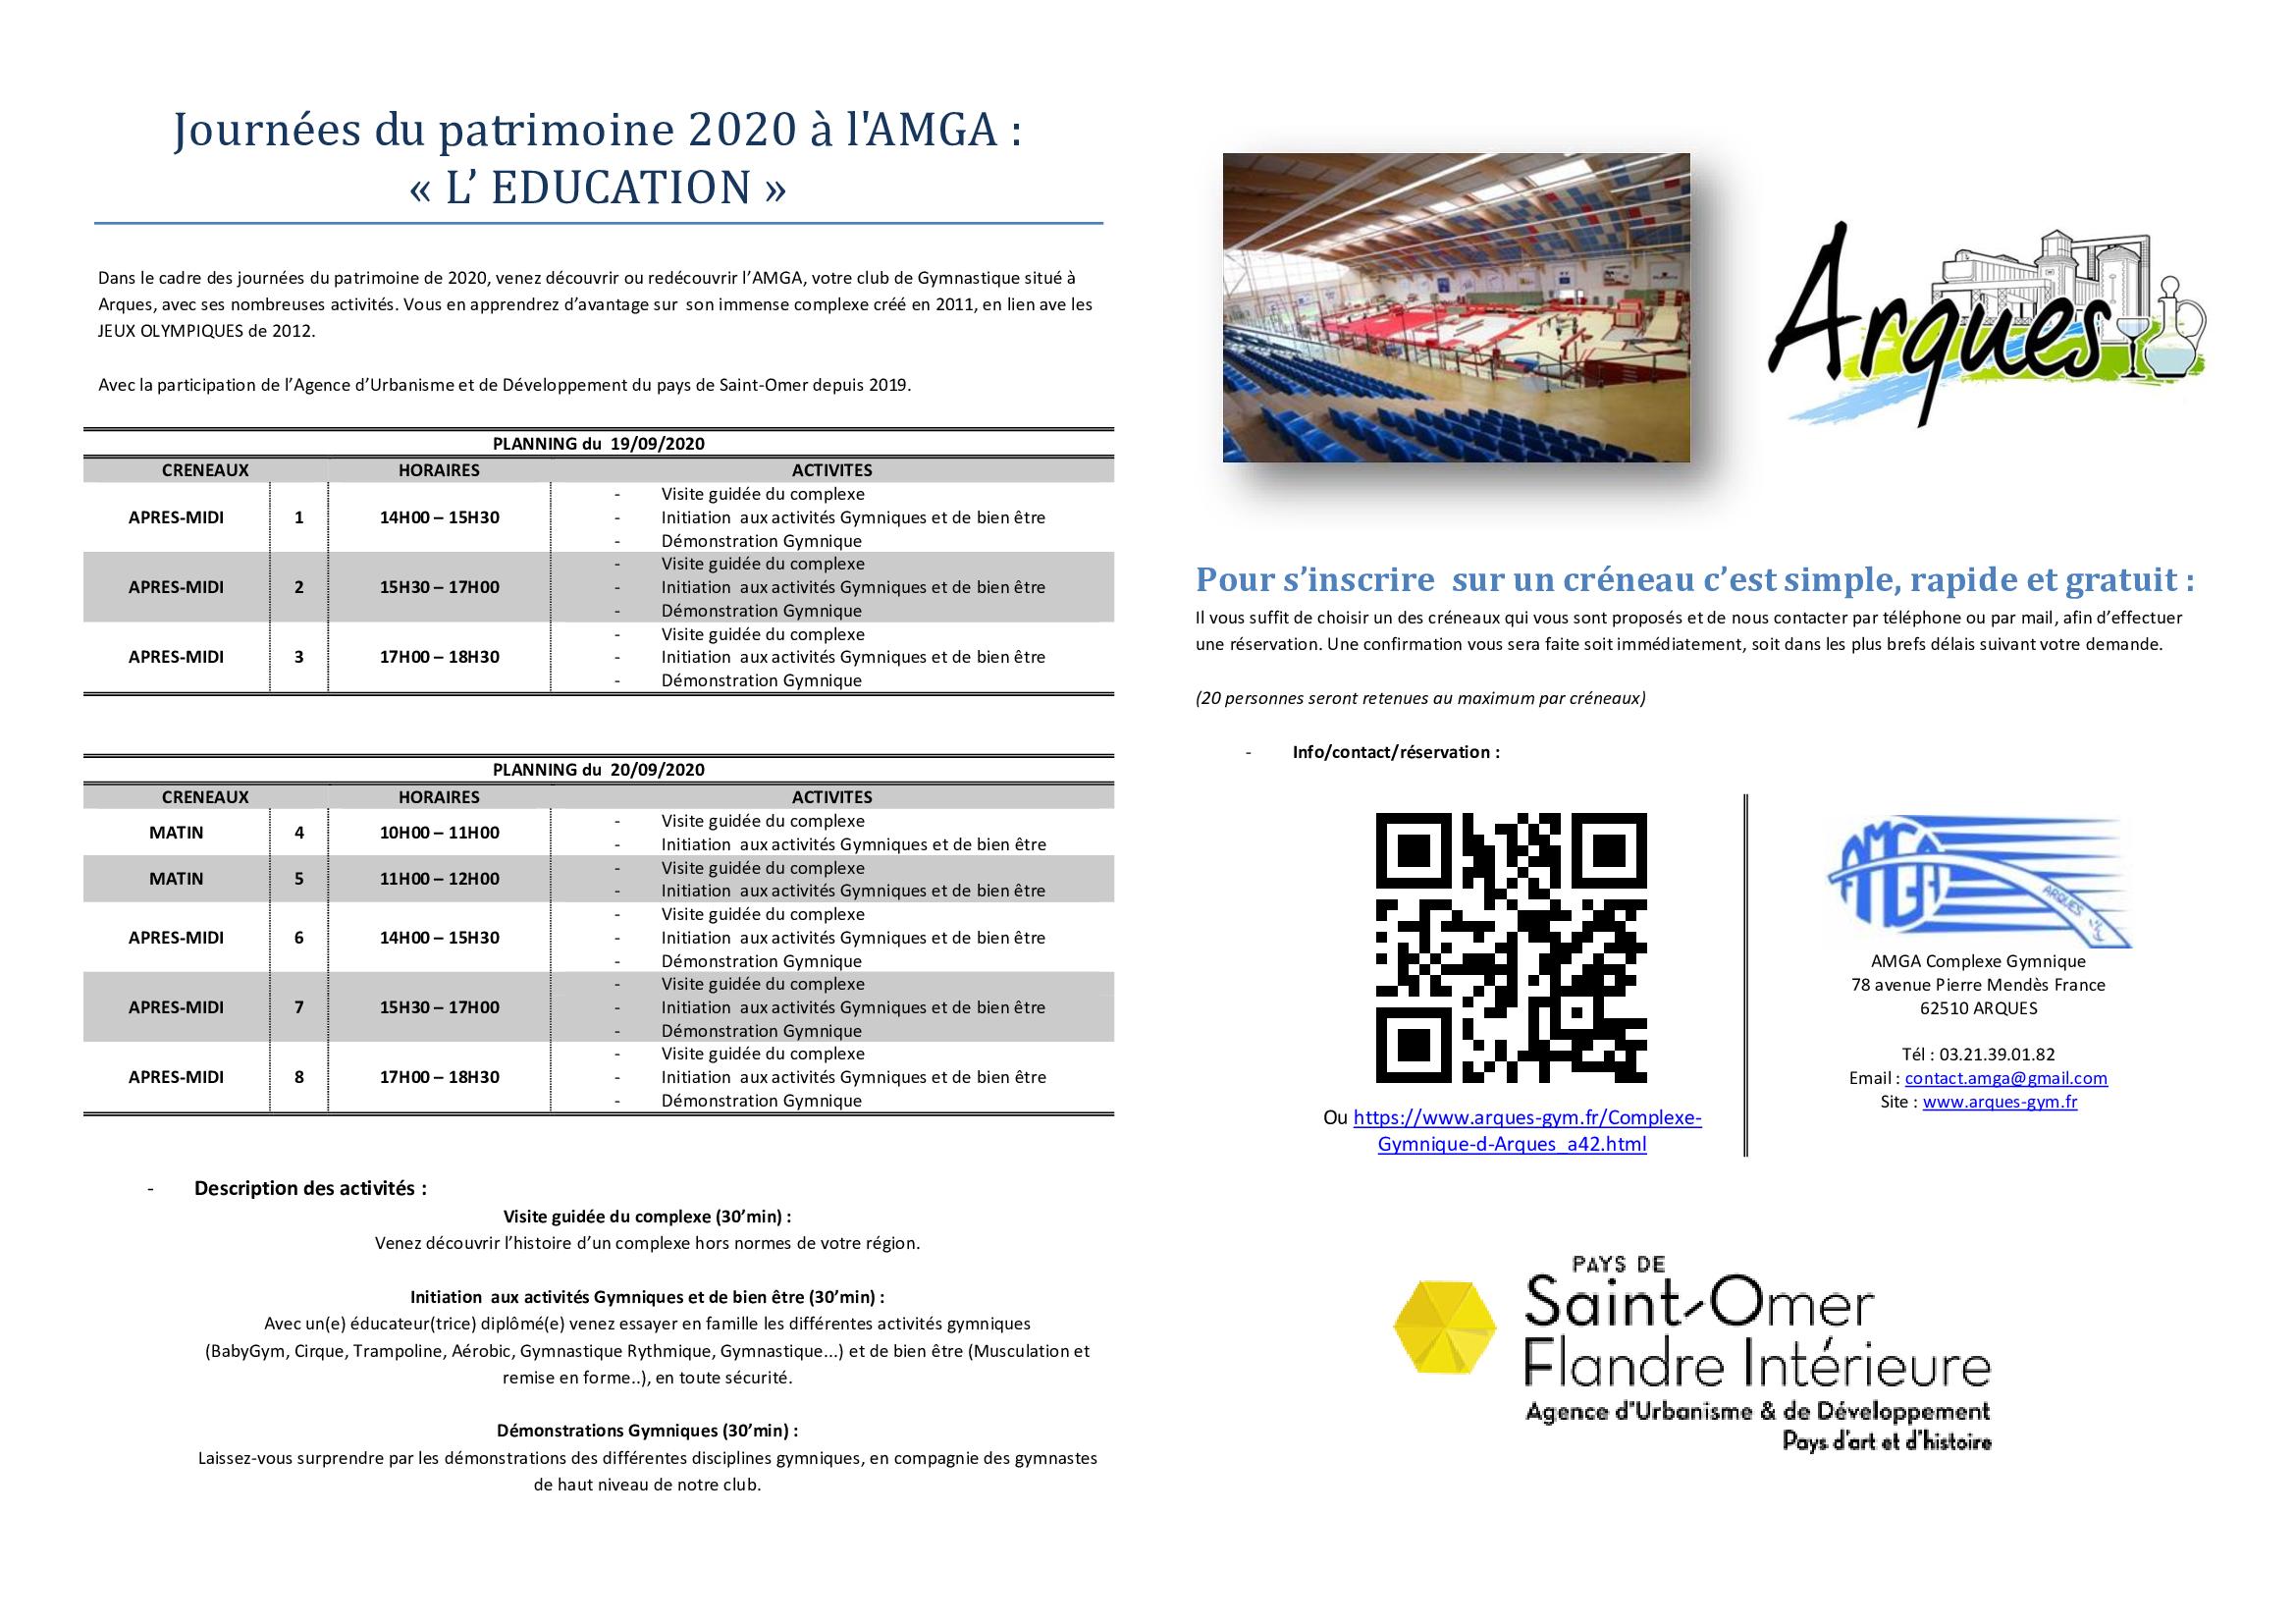 Journées du patrimoine 2020 à l'AMGA